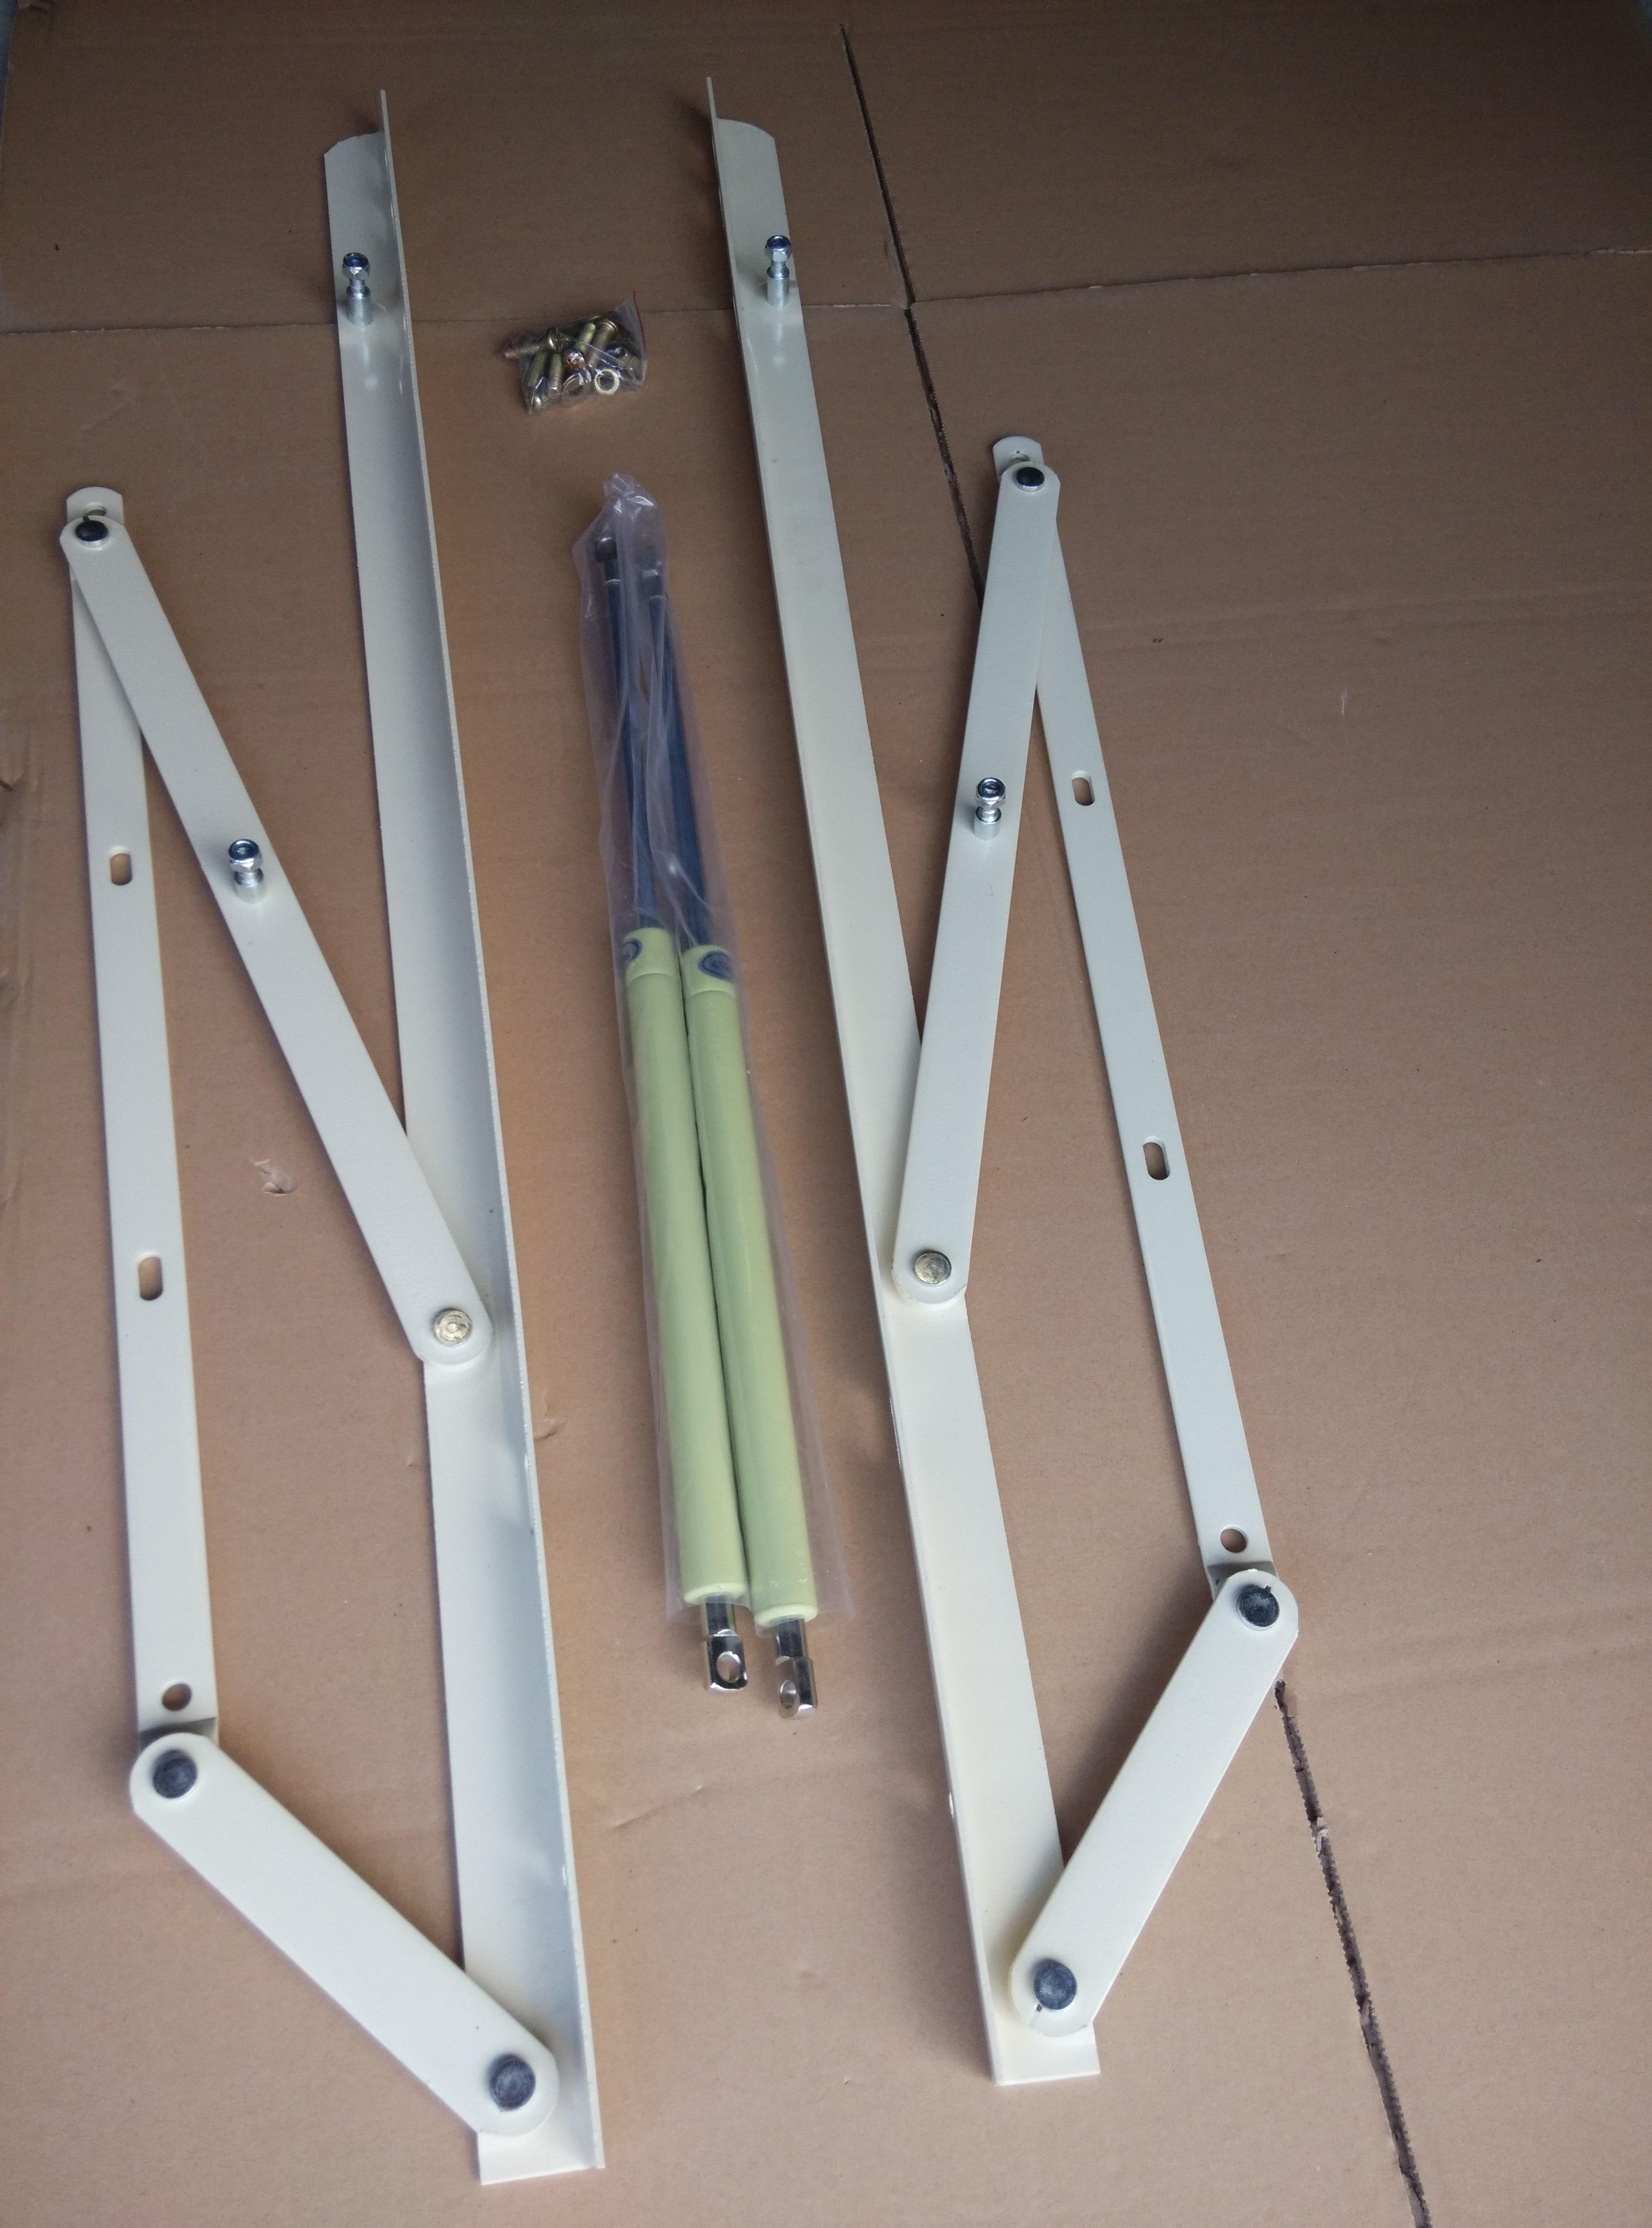 厚三孔床角码 广东可靠的1米床用液压杆供应商是哪家